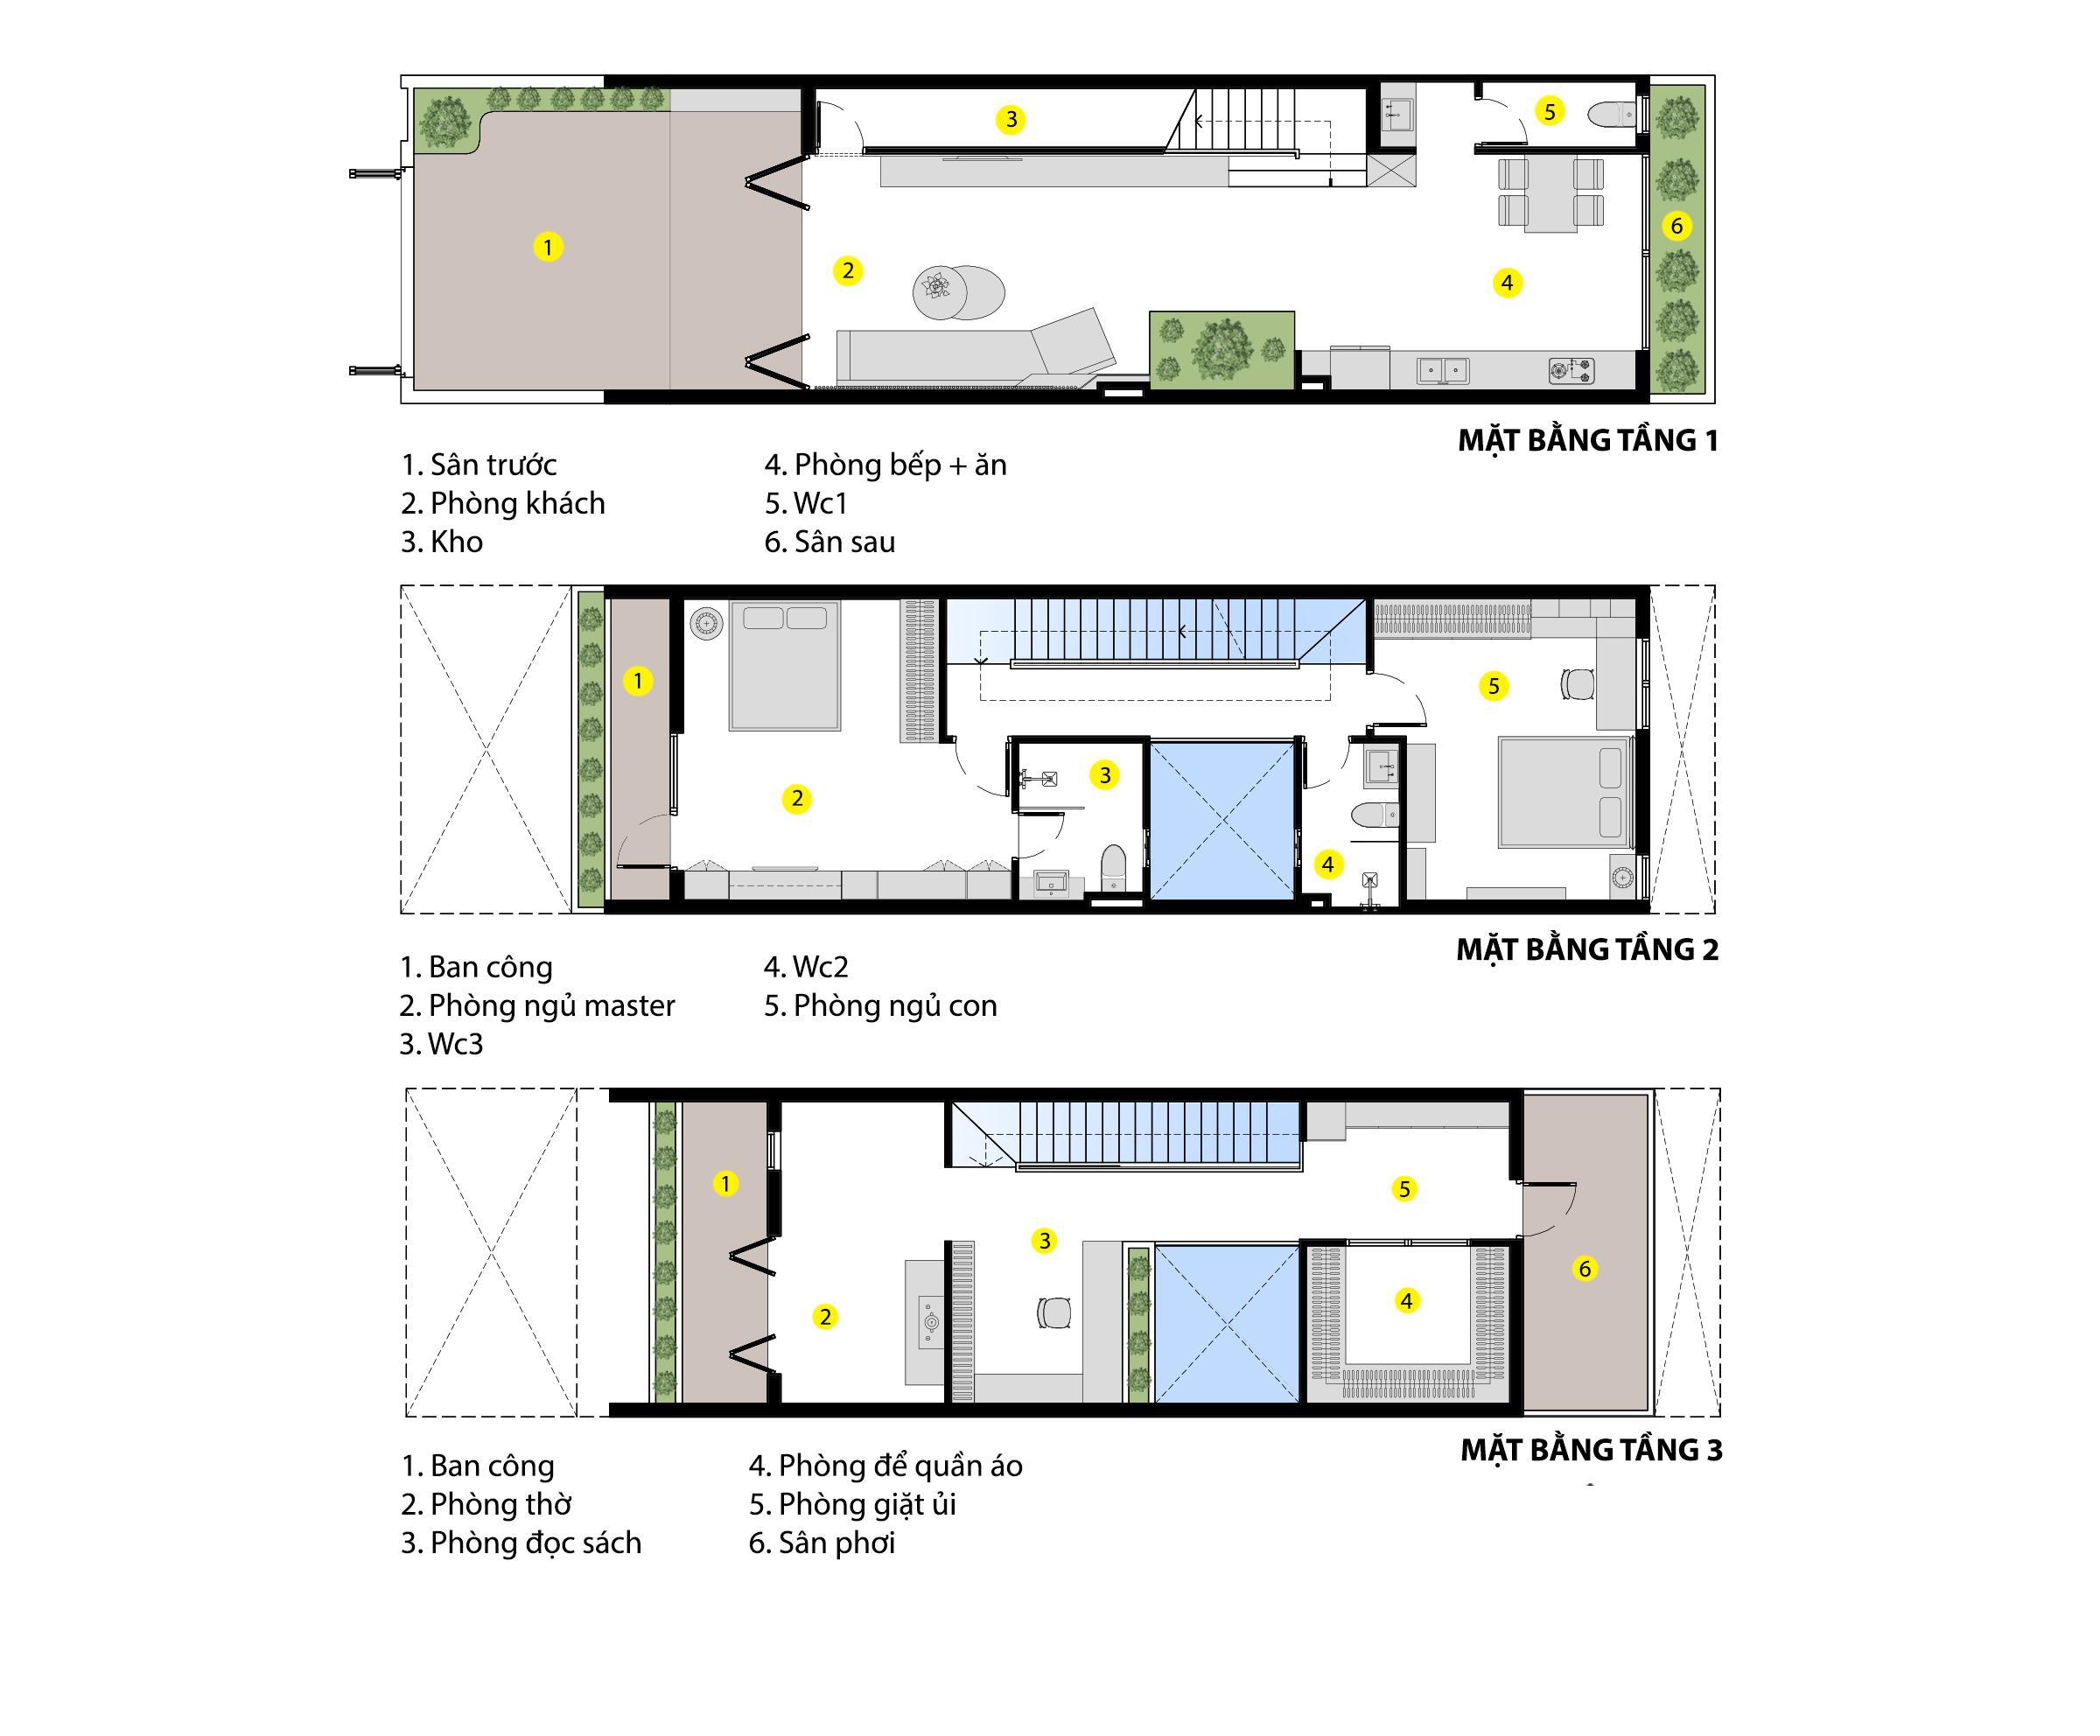 Nhà phố 3 tầng đẹp hiện đại với phong cách tối giản ngập tràn ánh sáng và cây xanh ở Đà Nẵng - Ảnh 3.